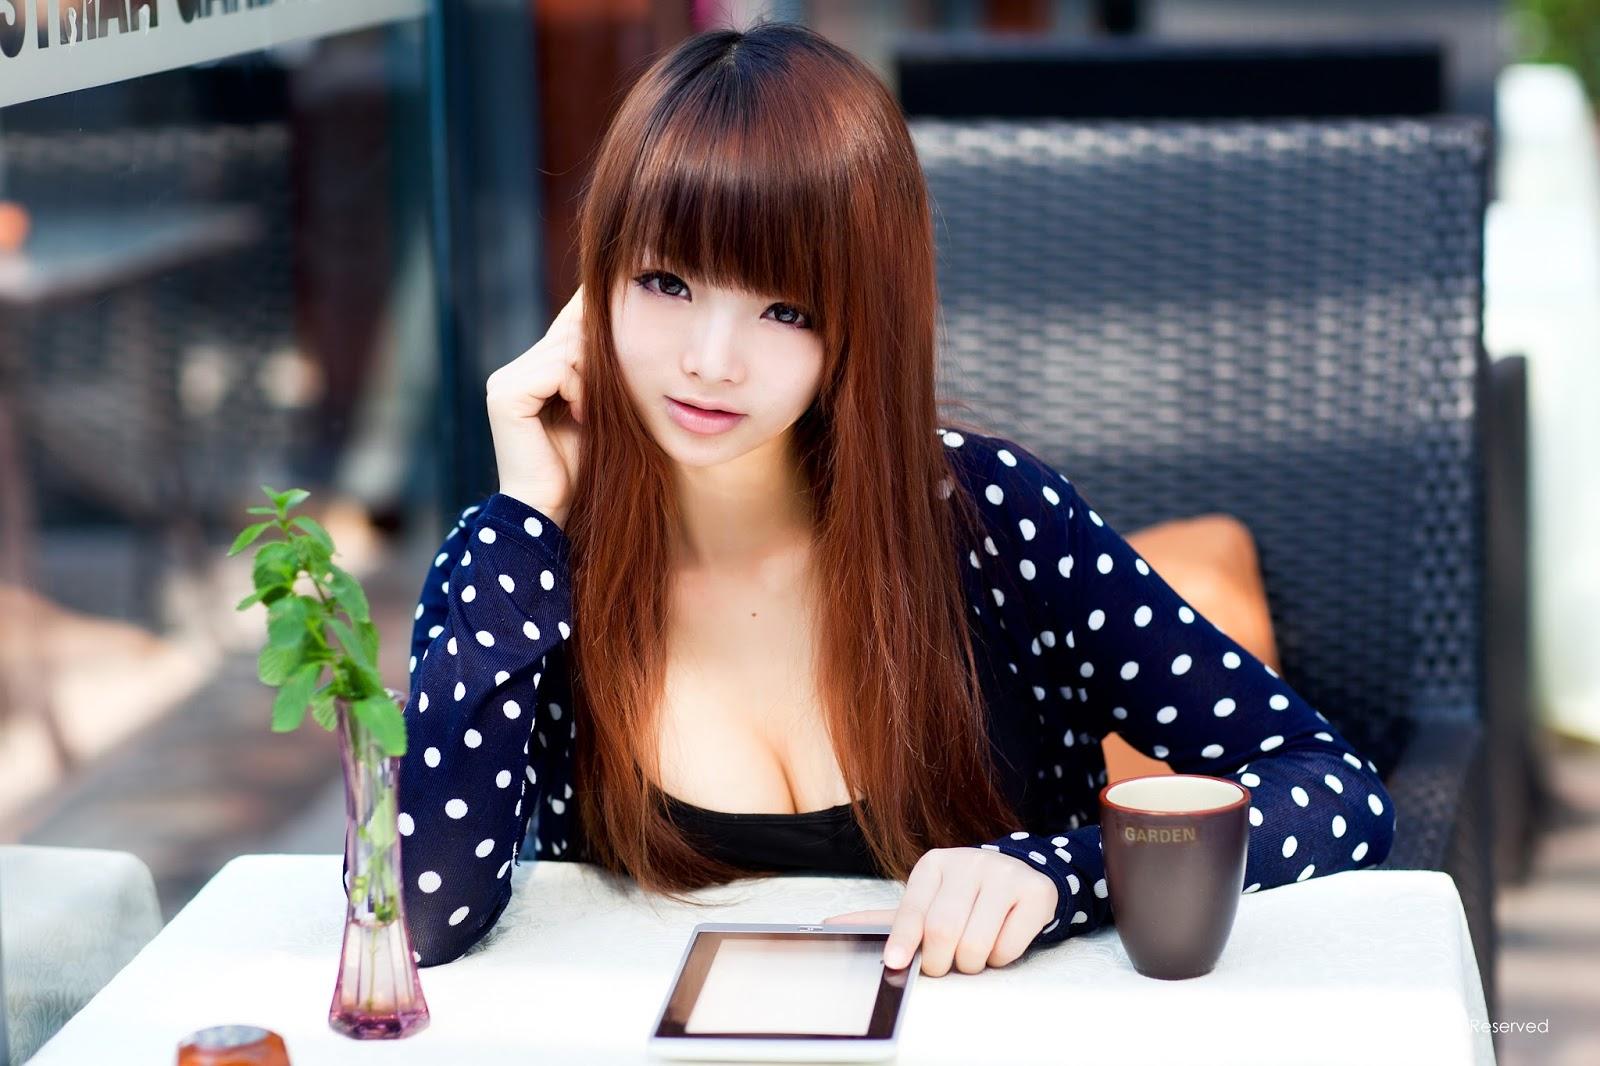 XiaoYu Vol. 324 Yan Mo - Best Hot Girls